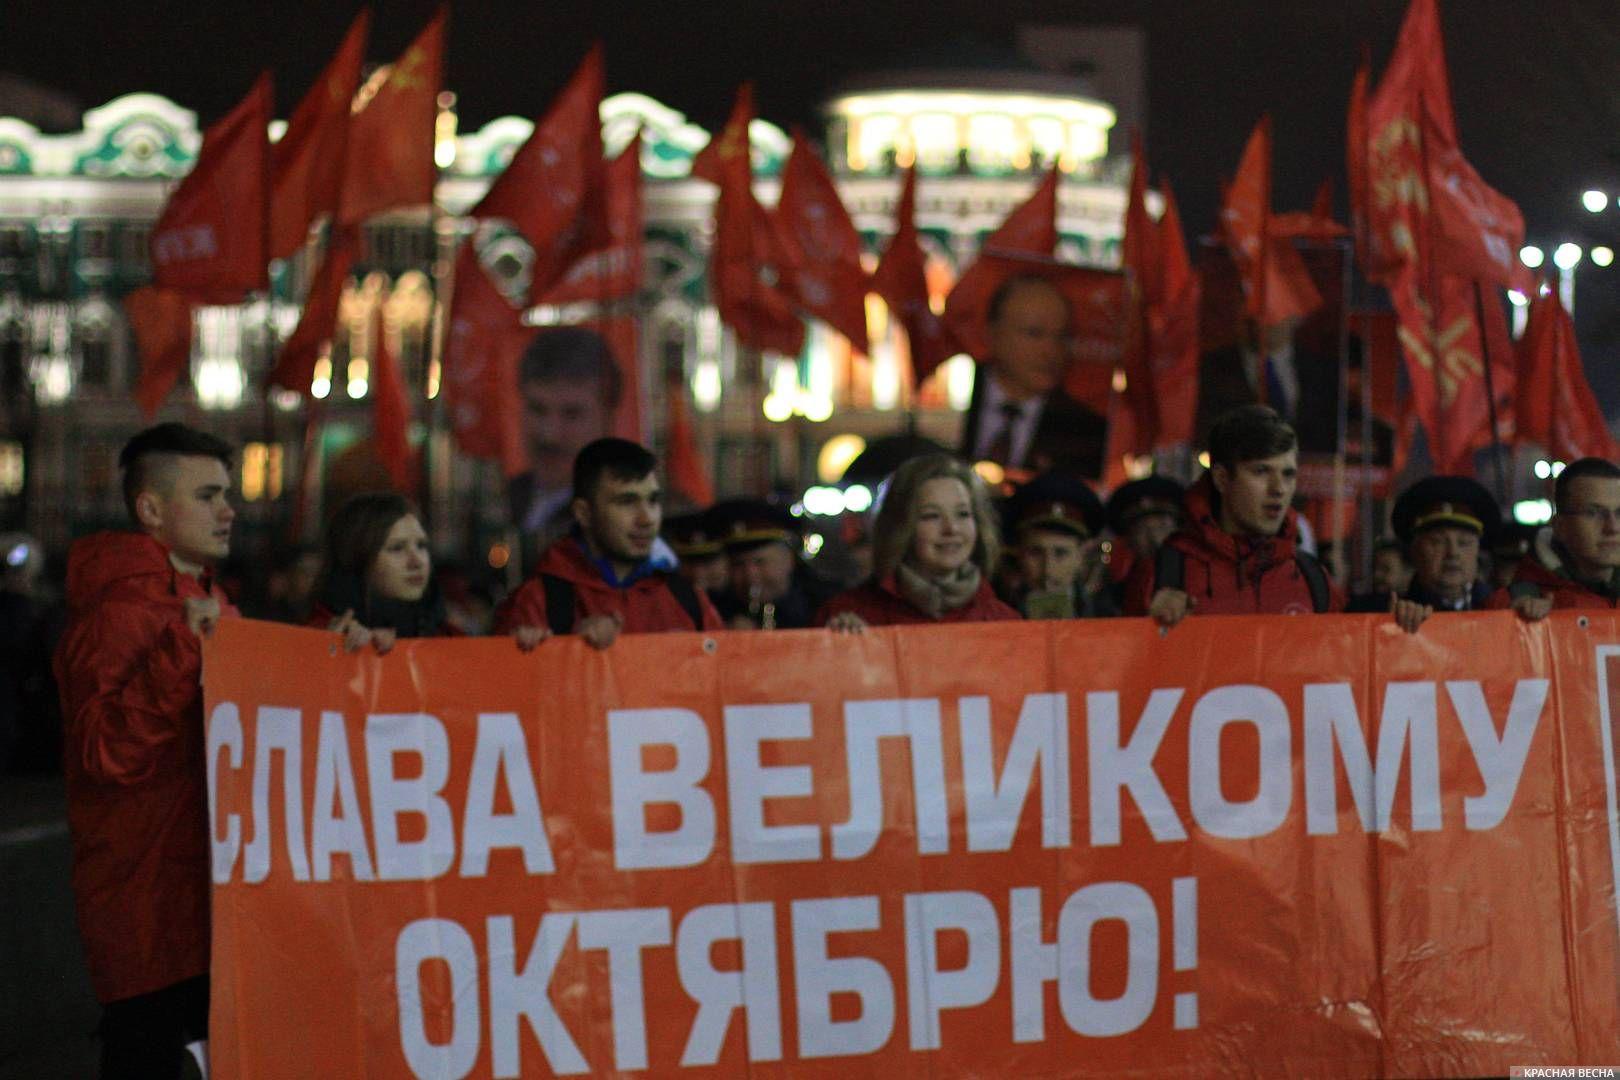 Шествие КПРФ в Екатеринбурге. На заднем плане - портреты Павла Грудинина и Геннадия Зюганова